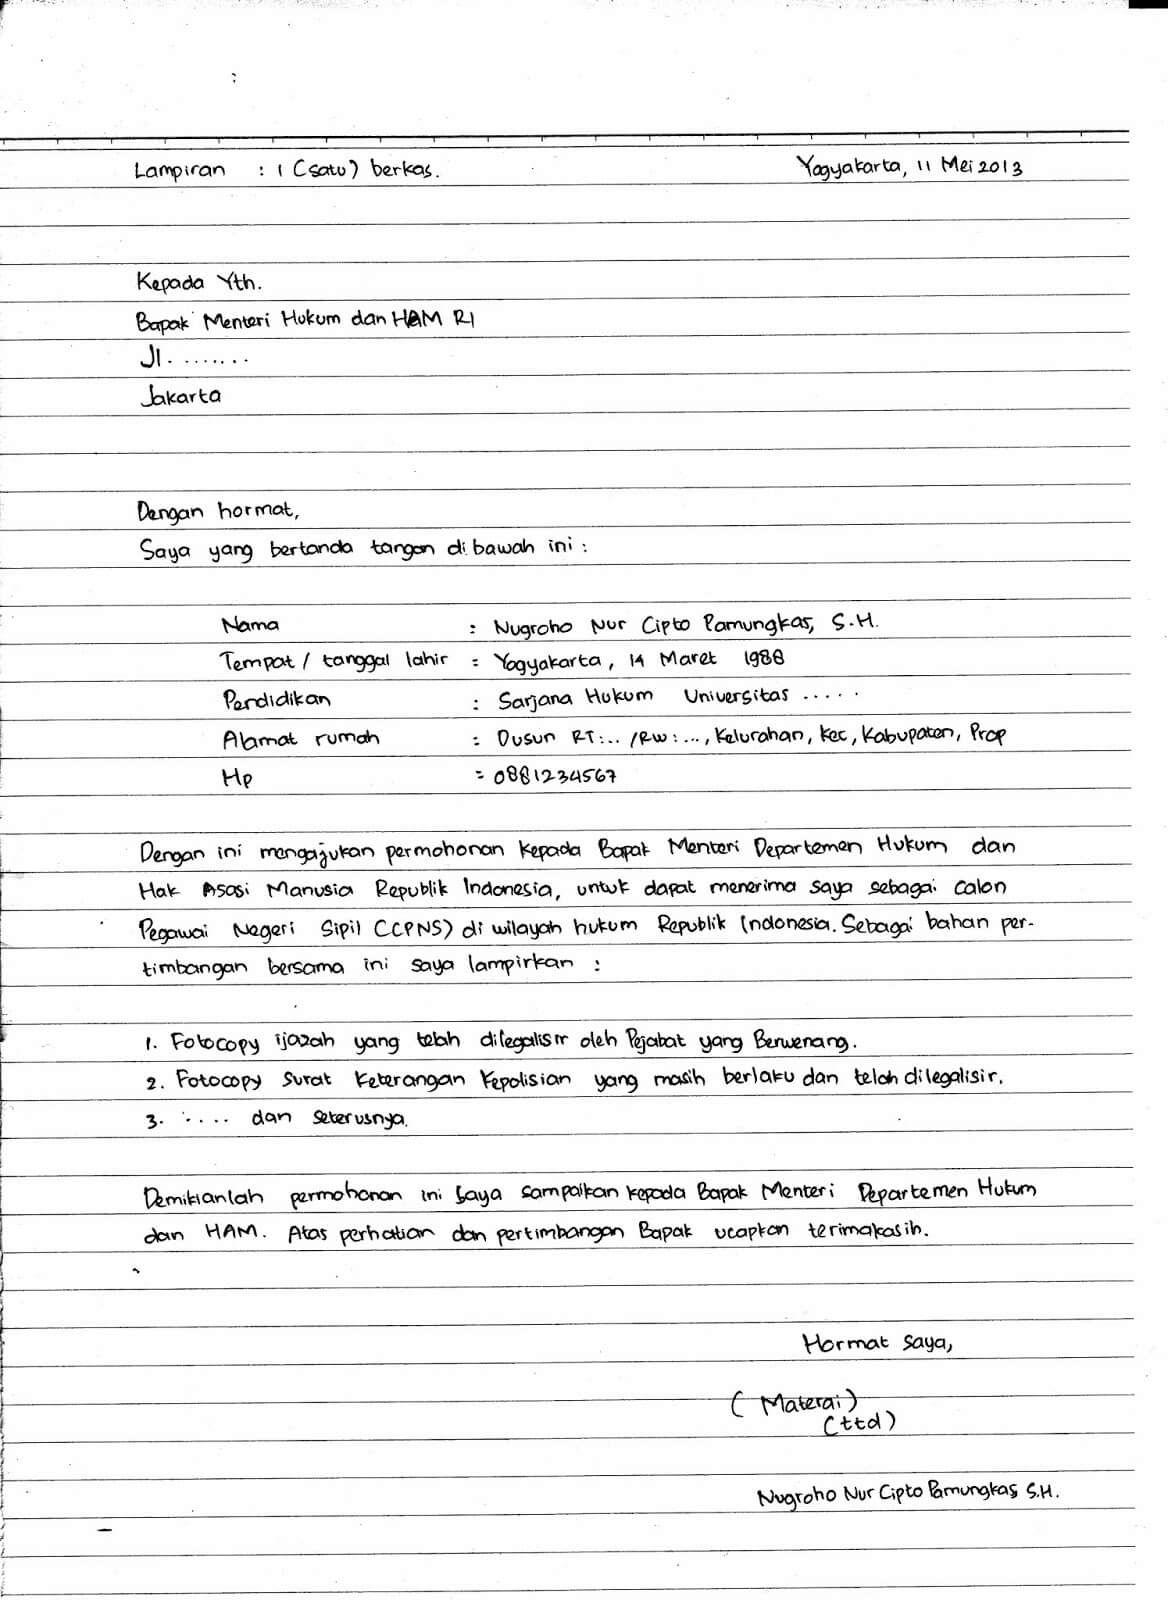 Contoh Surat Lamaran Kerja Tulis Tangan 1